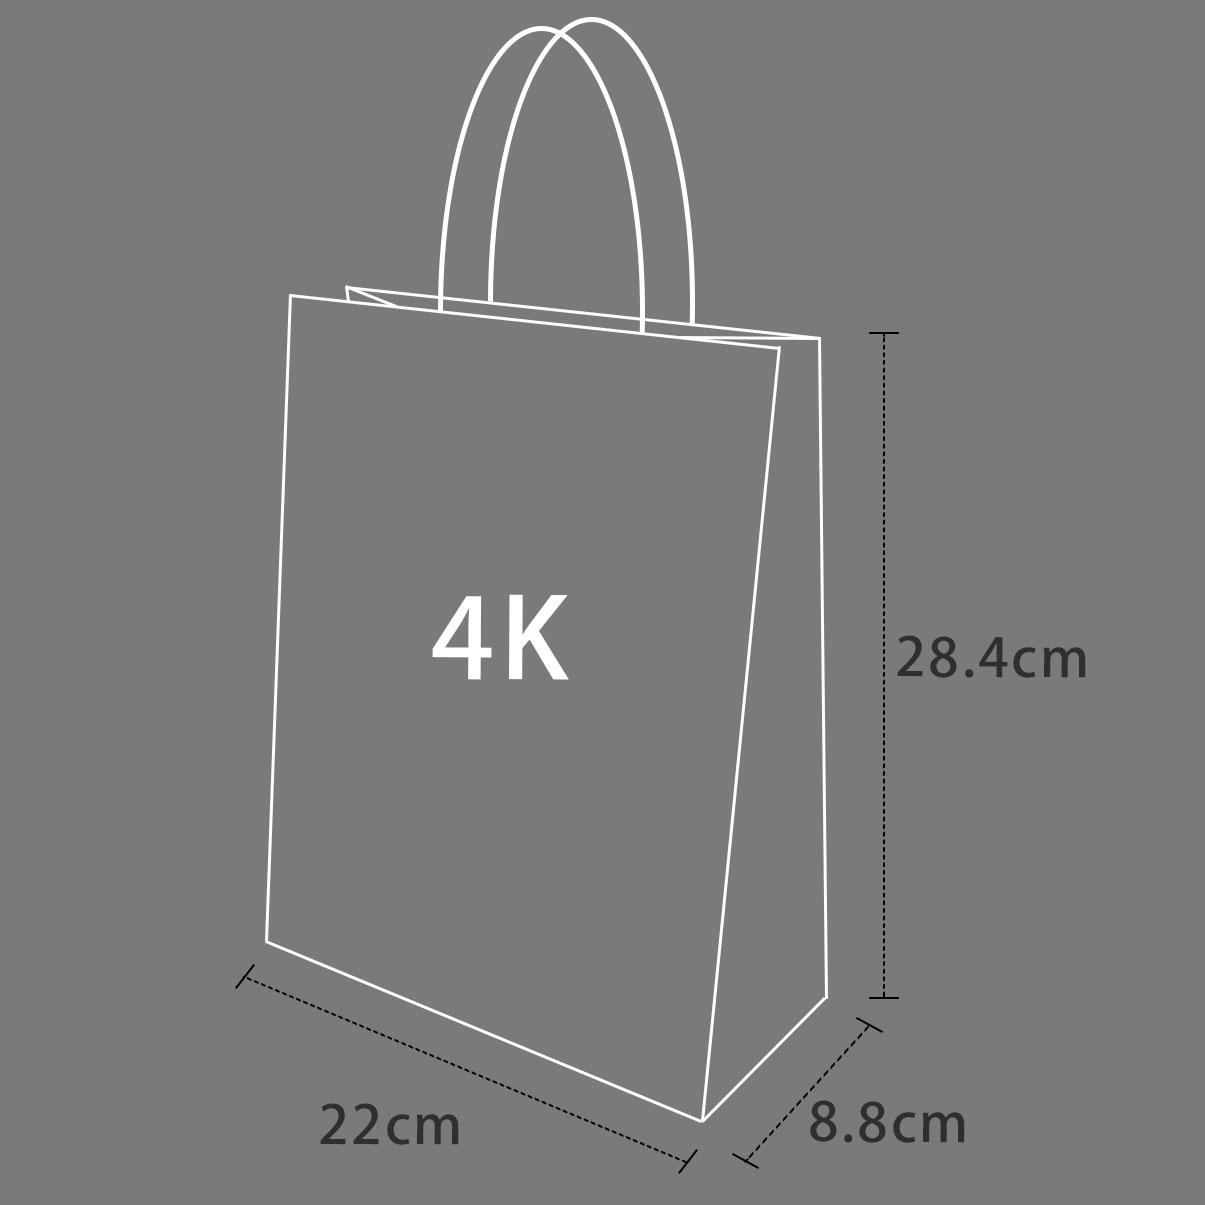 《袋袋相傳》M9 春節紙袋-福紙袋4K紙袋1.jpg